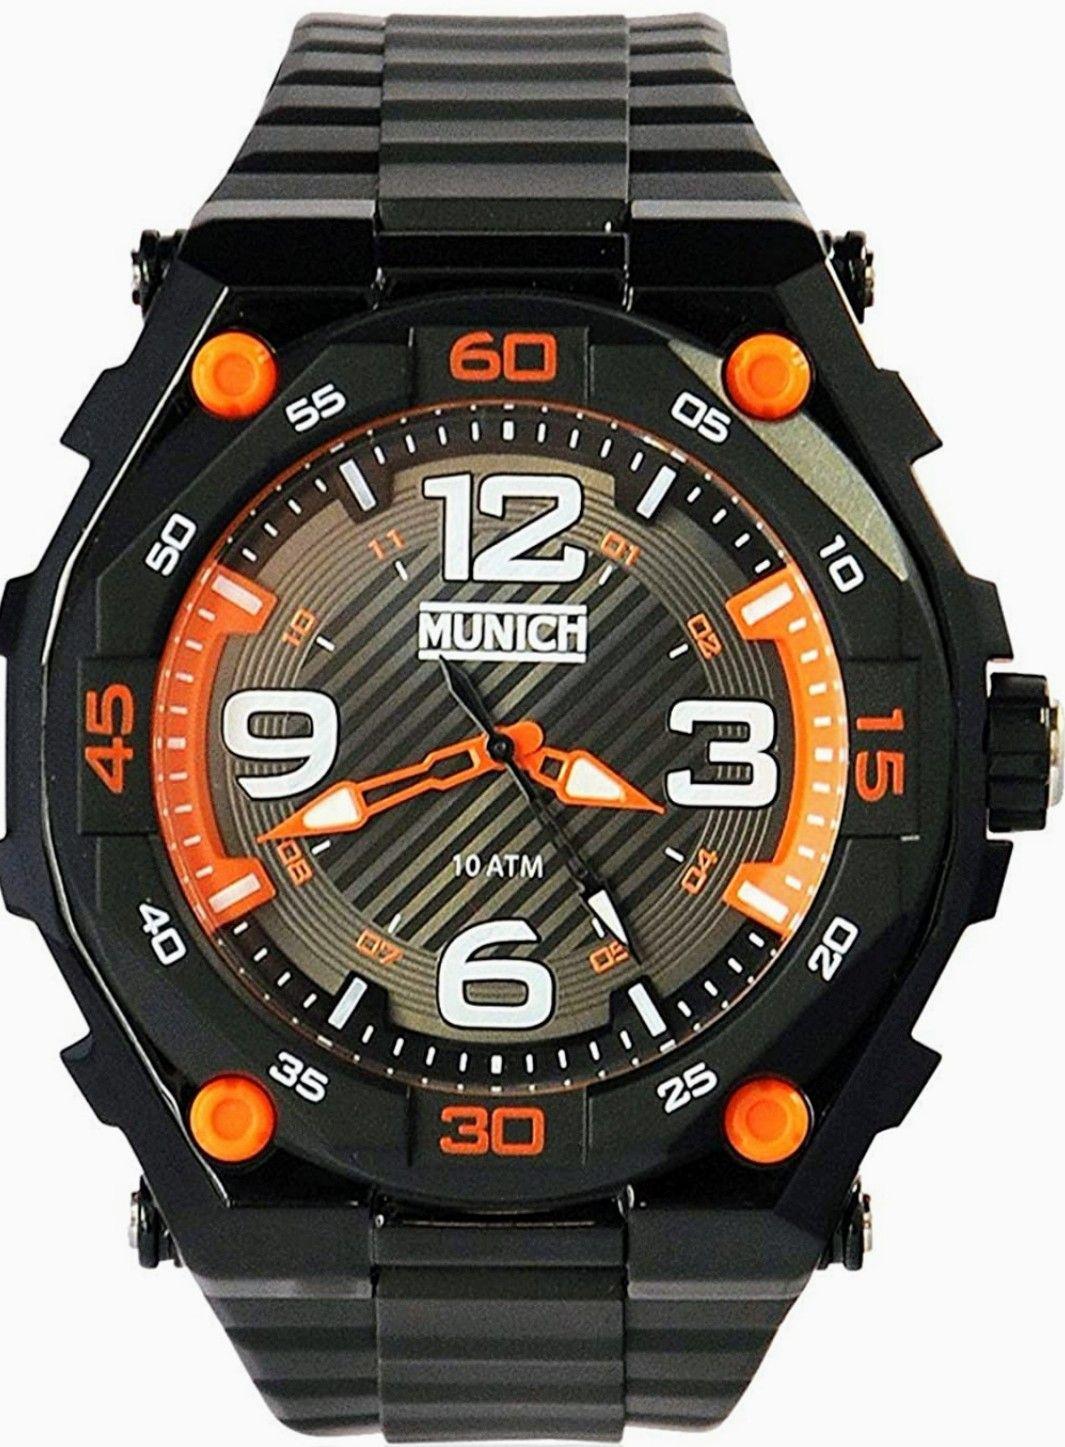 2° RECOPILACIÓN Munich Reloj Analógico Unisex por menos de 17€. (precio mínimo histórico)